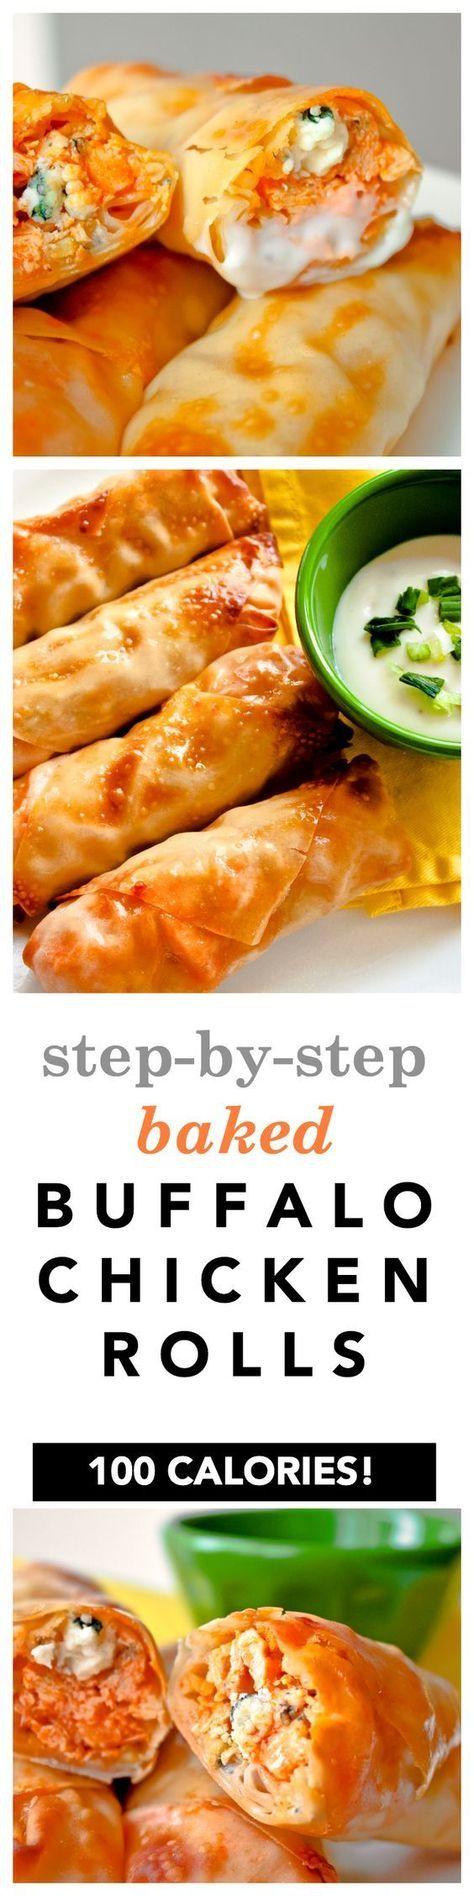 Al horno Buffalo Chicken Egg Rolls Receta! Aquí está el paso fácil a paso guía que le muestra cómo hacer rollos de pollo búfalo sanos con envolturas de rollo de huevo, queso azul, salsa picante y ensalada de brócoli! Perfecto como aperitivo pero también trabajan como plato principal, también! 103 calorías por rollo